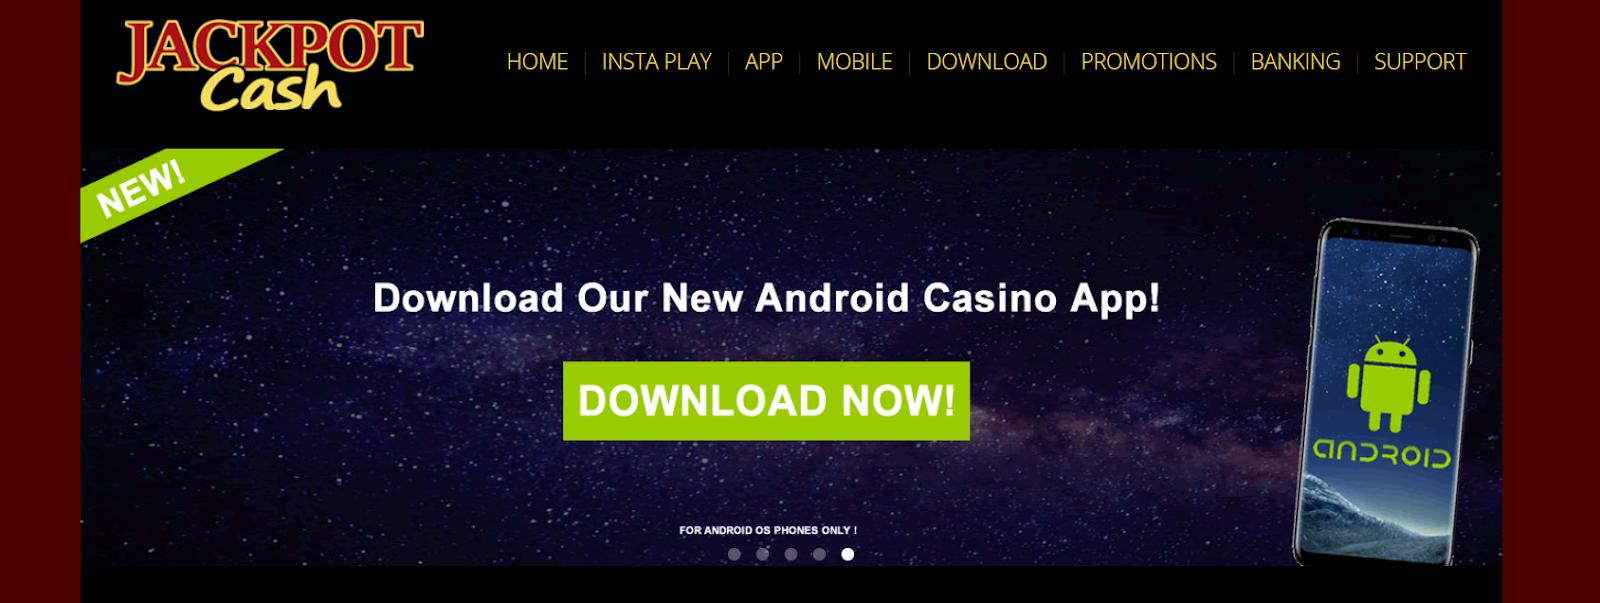 Casino Cash App